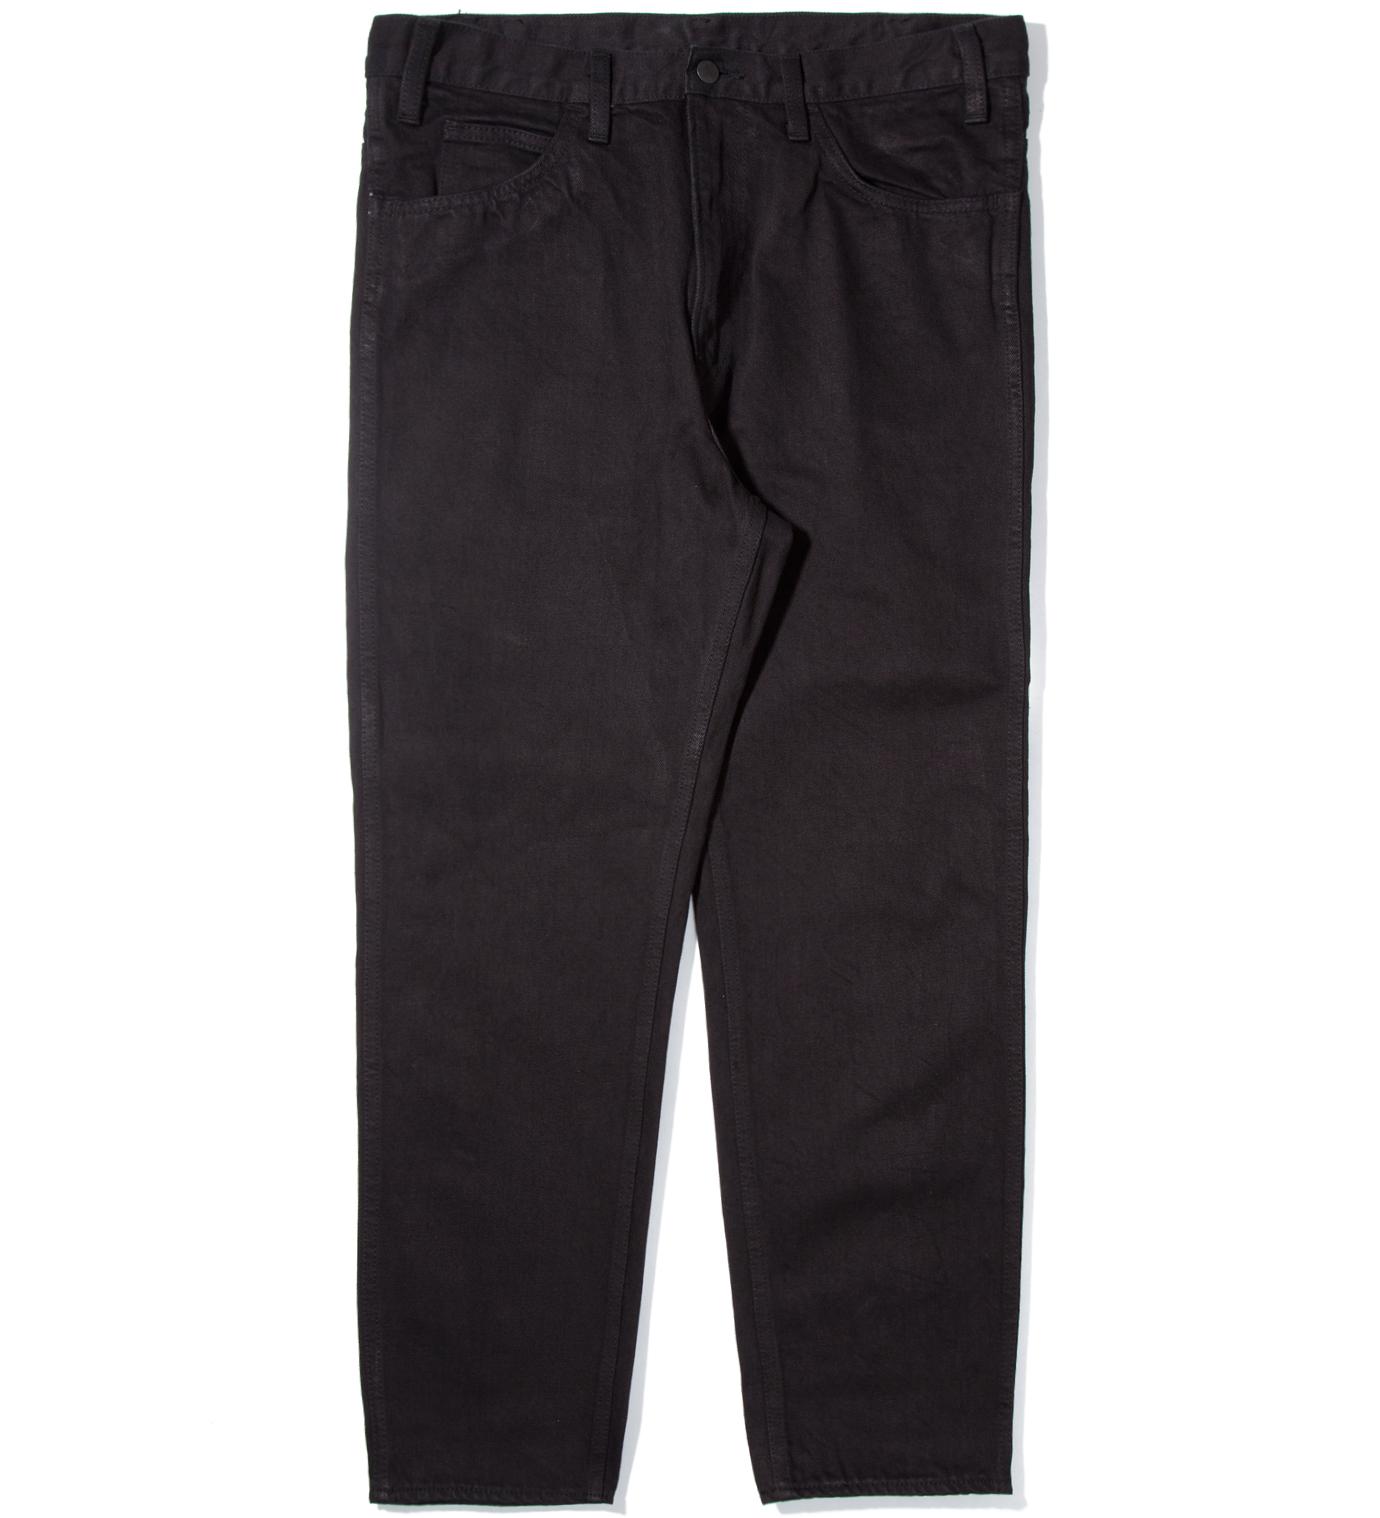 UNUSED Black Denim Pants